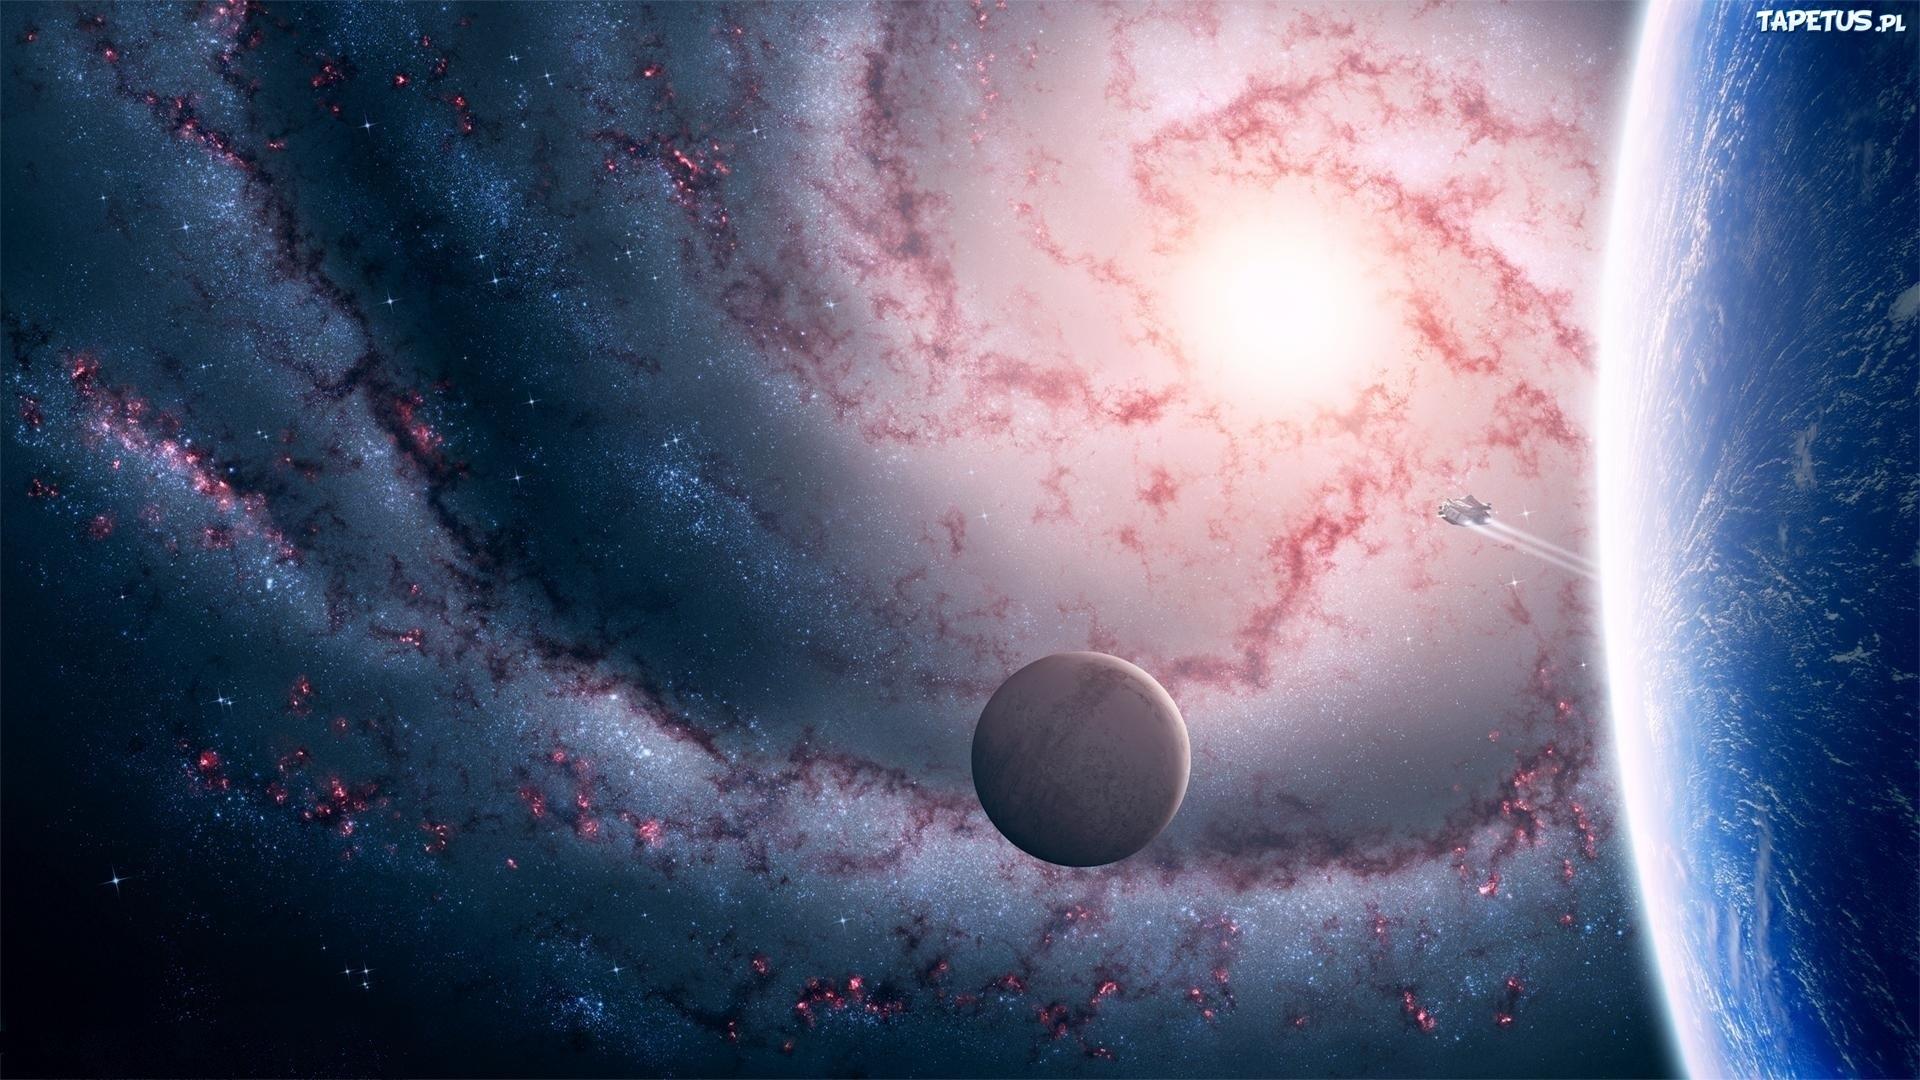 Обои планета спутник картинки на рабочий стол на тему Космос - скачать без смс